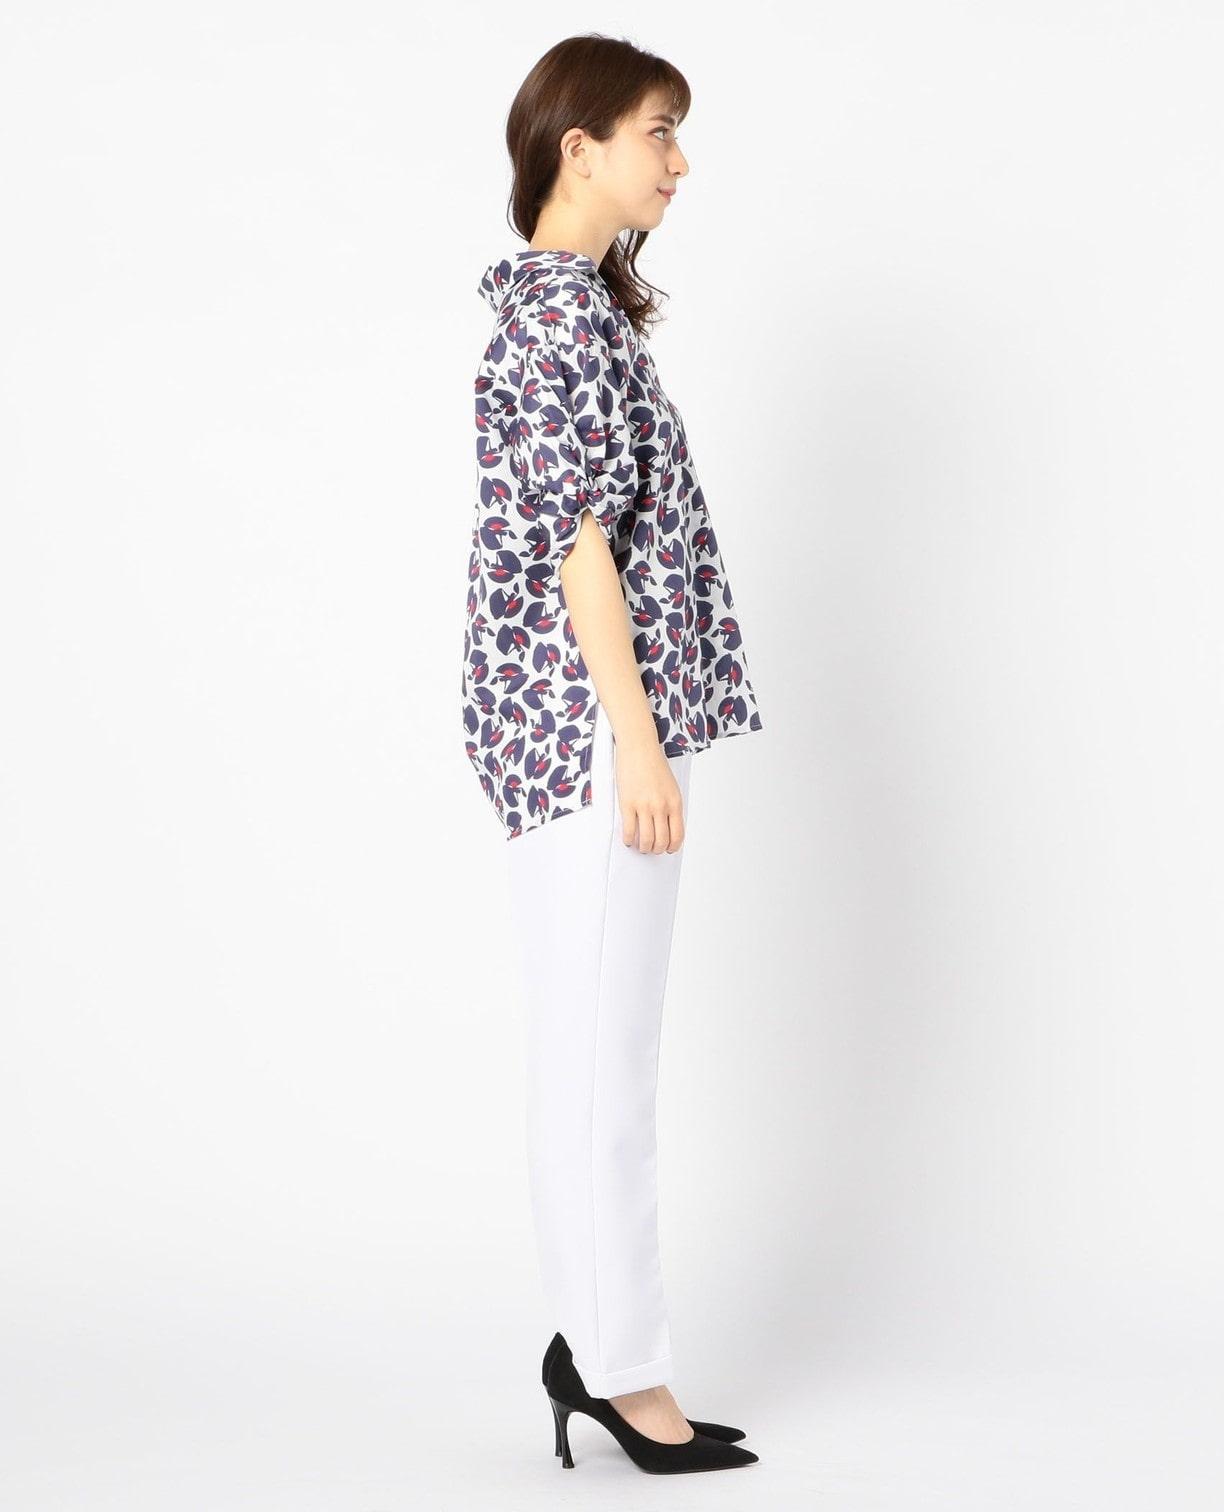 踊り子プリント半袖スキッパーシャツ